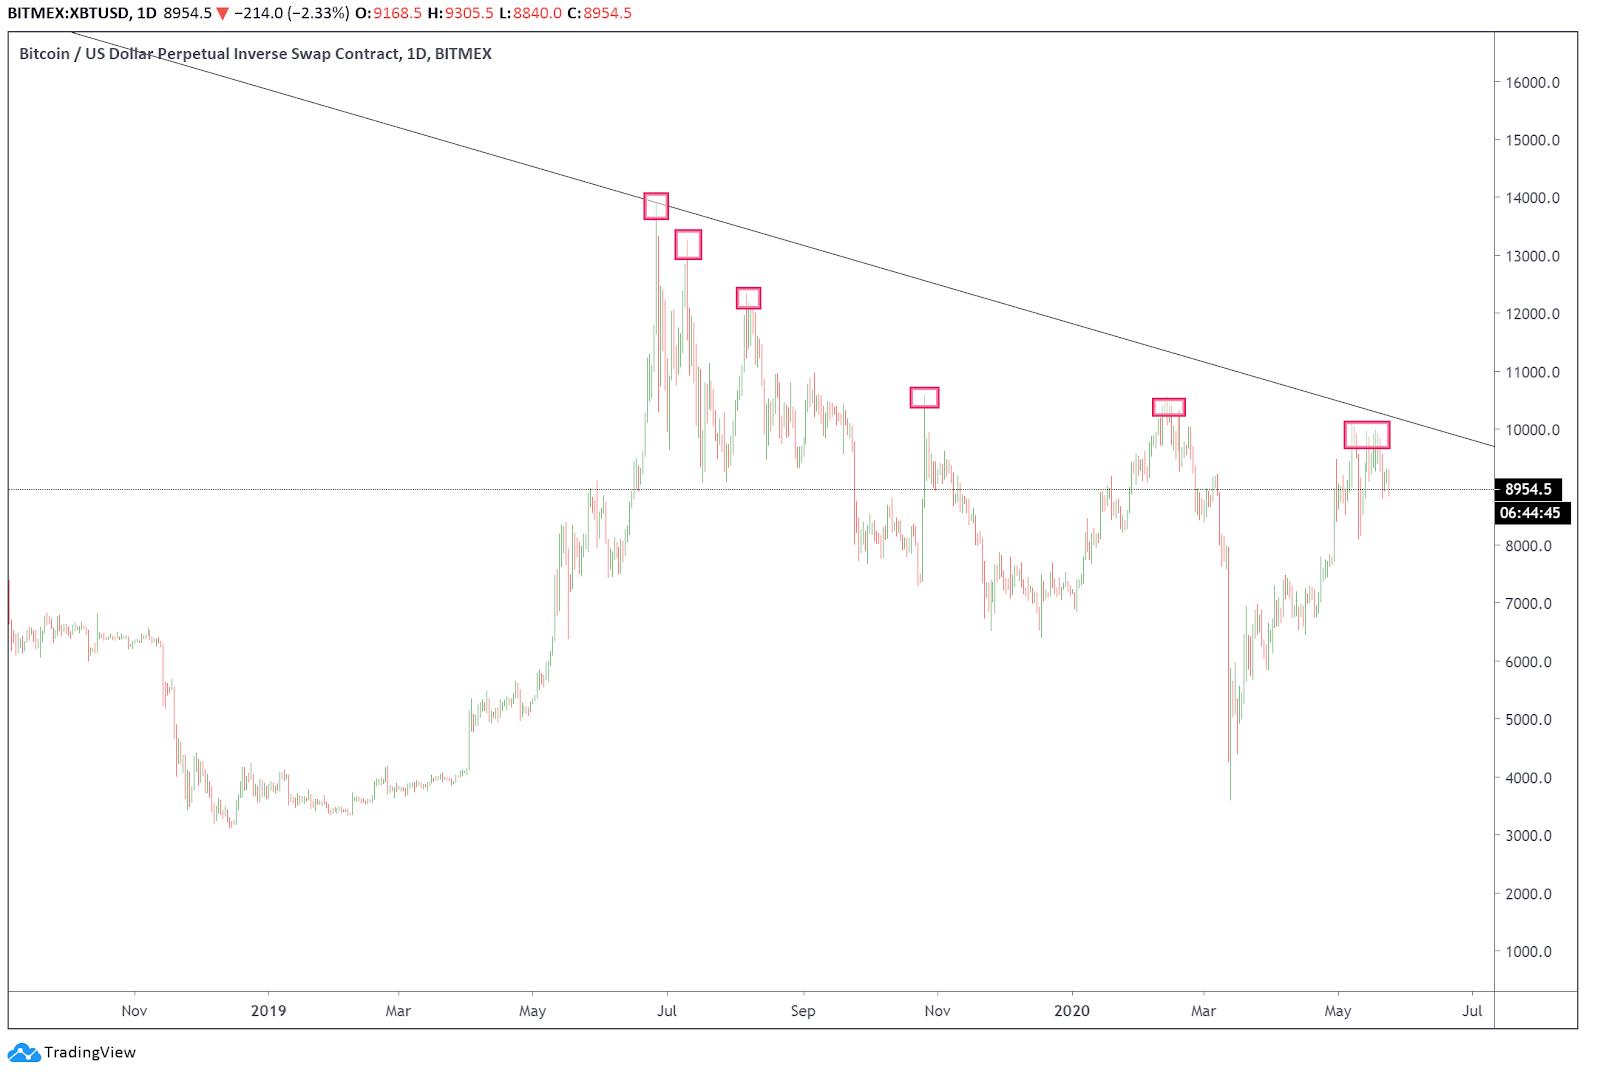 Bitcoin Price Drops to $8,840 — Key Metrics Signal BTC May Correct Further